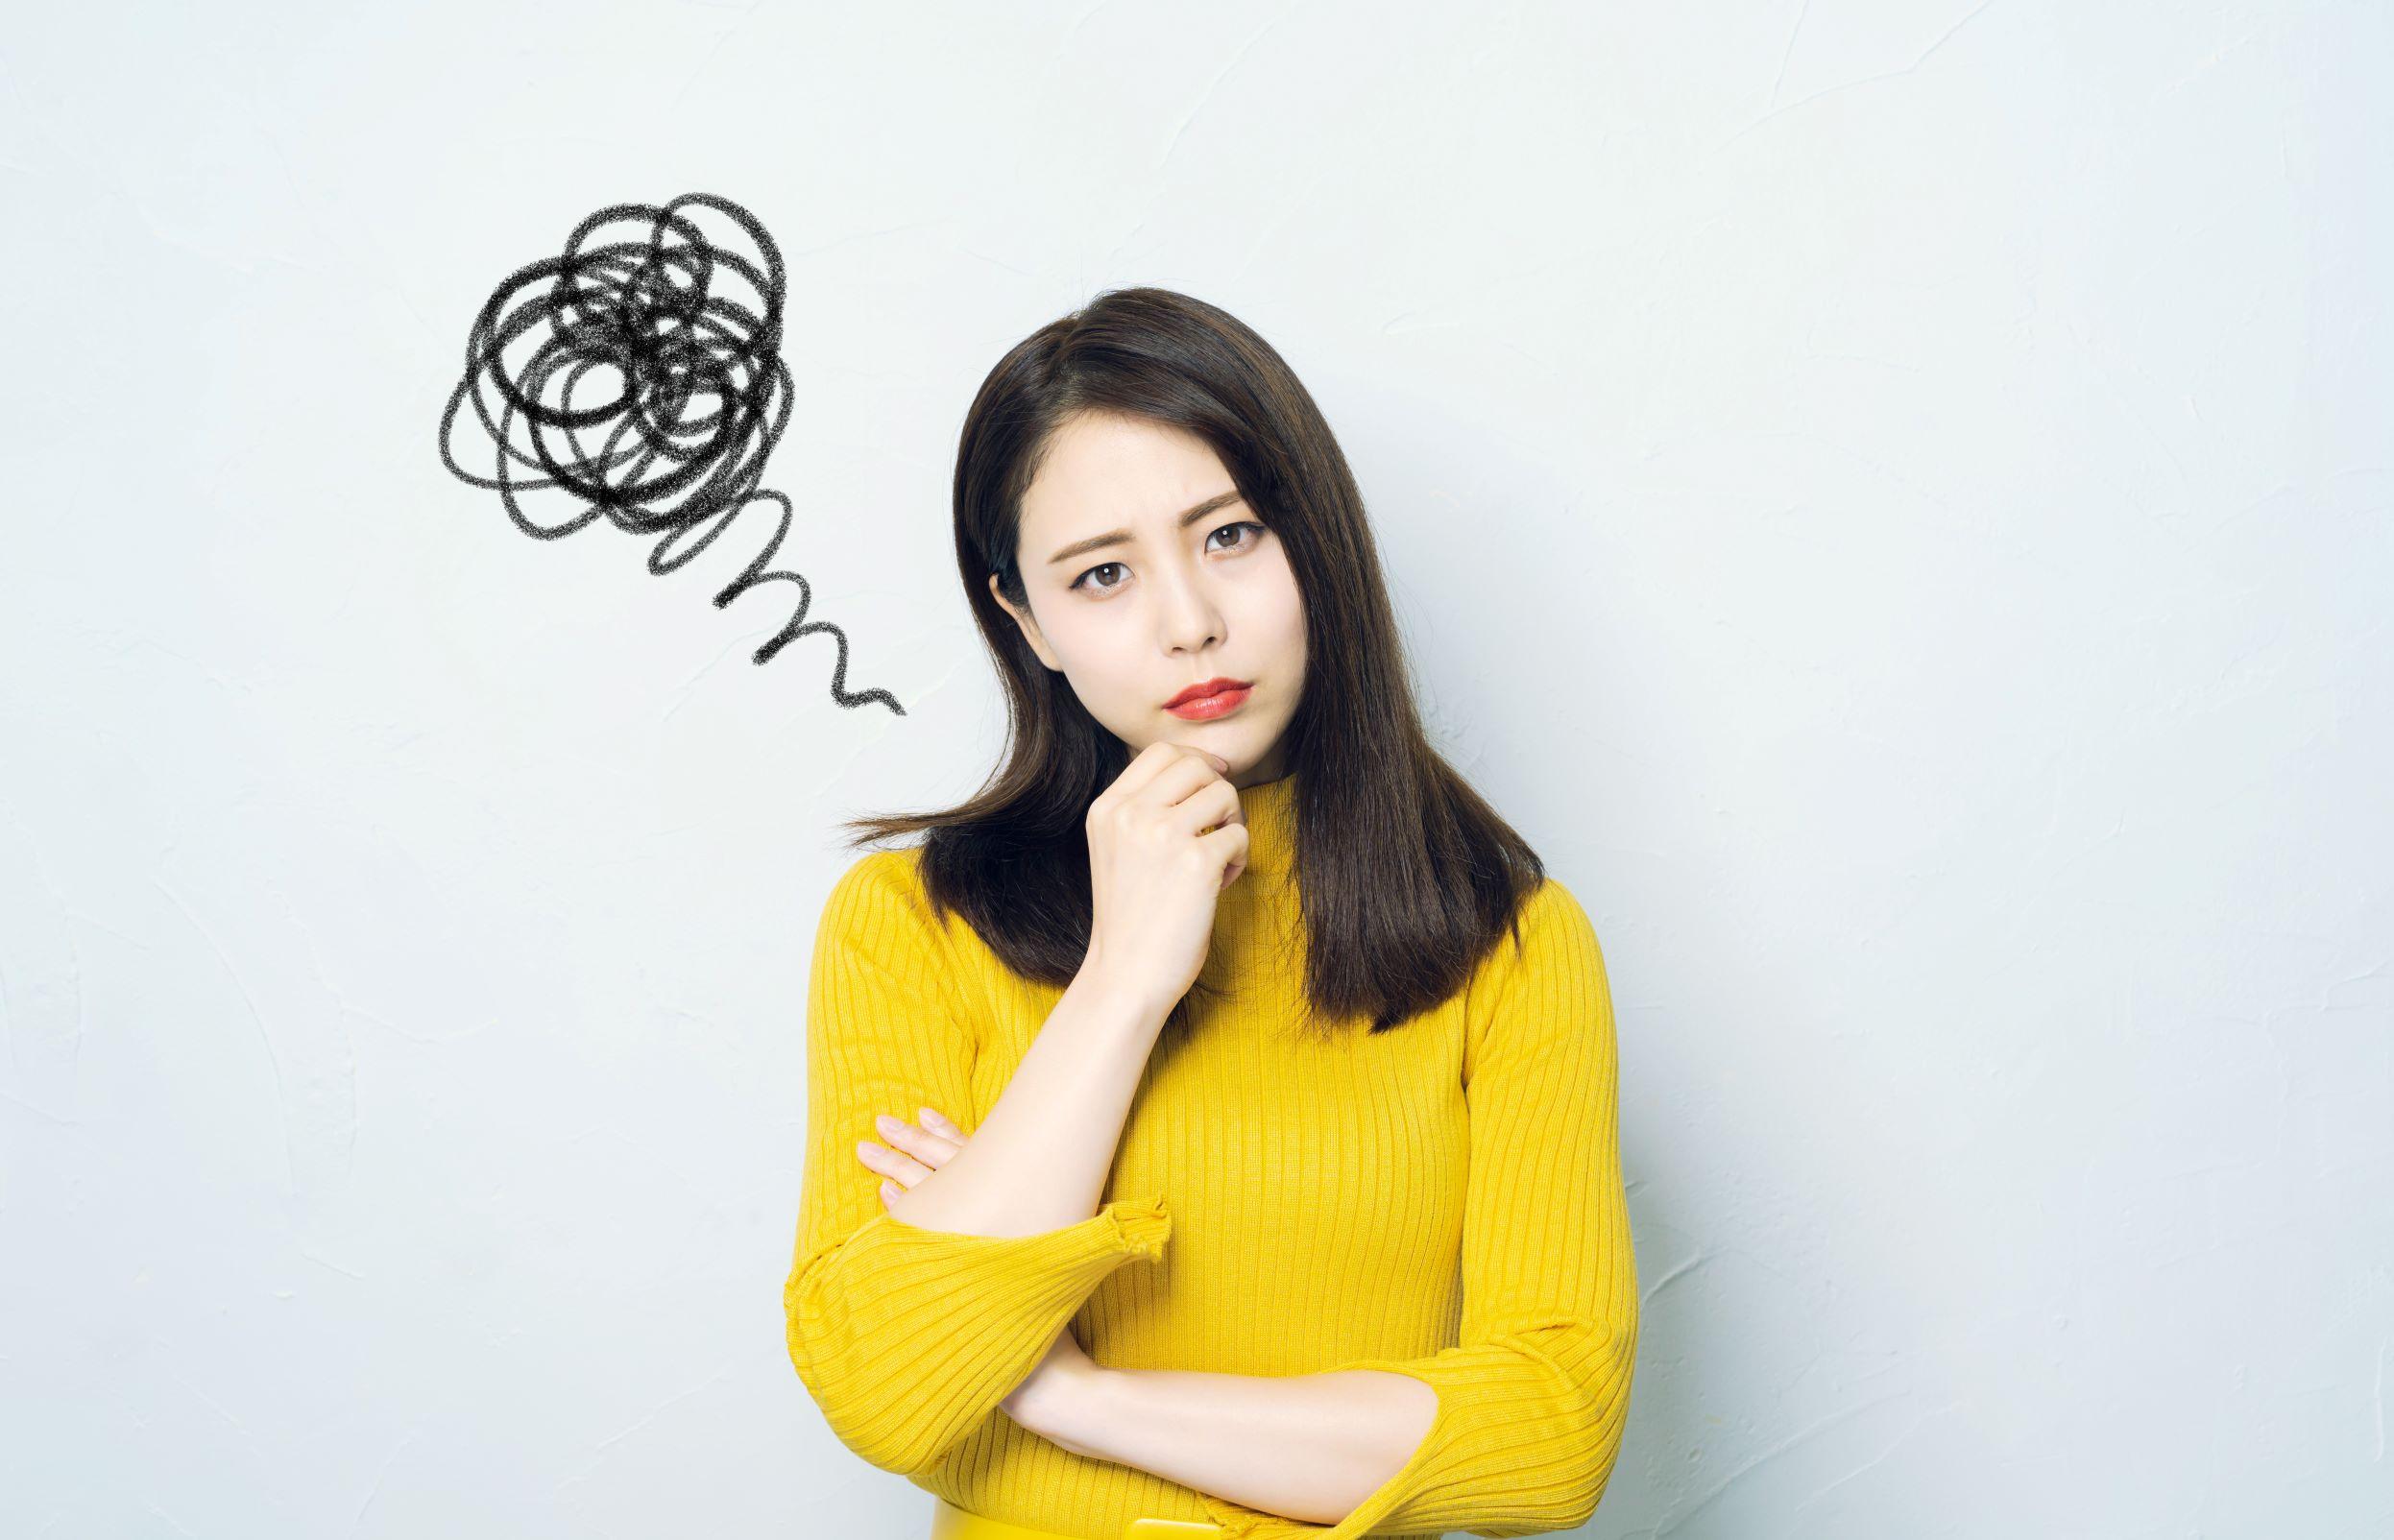 【保育カレッジ授業】コミュニケーション力を上げる、人間関係トラブルの解決方!